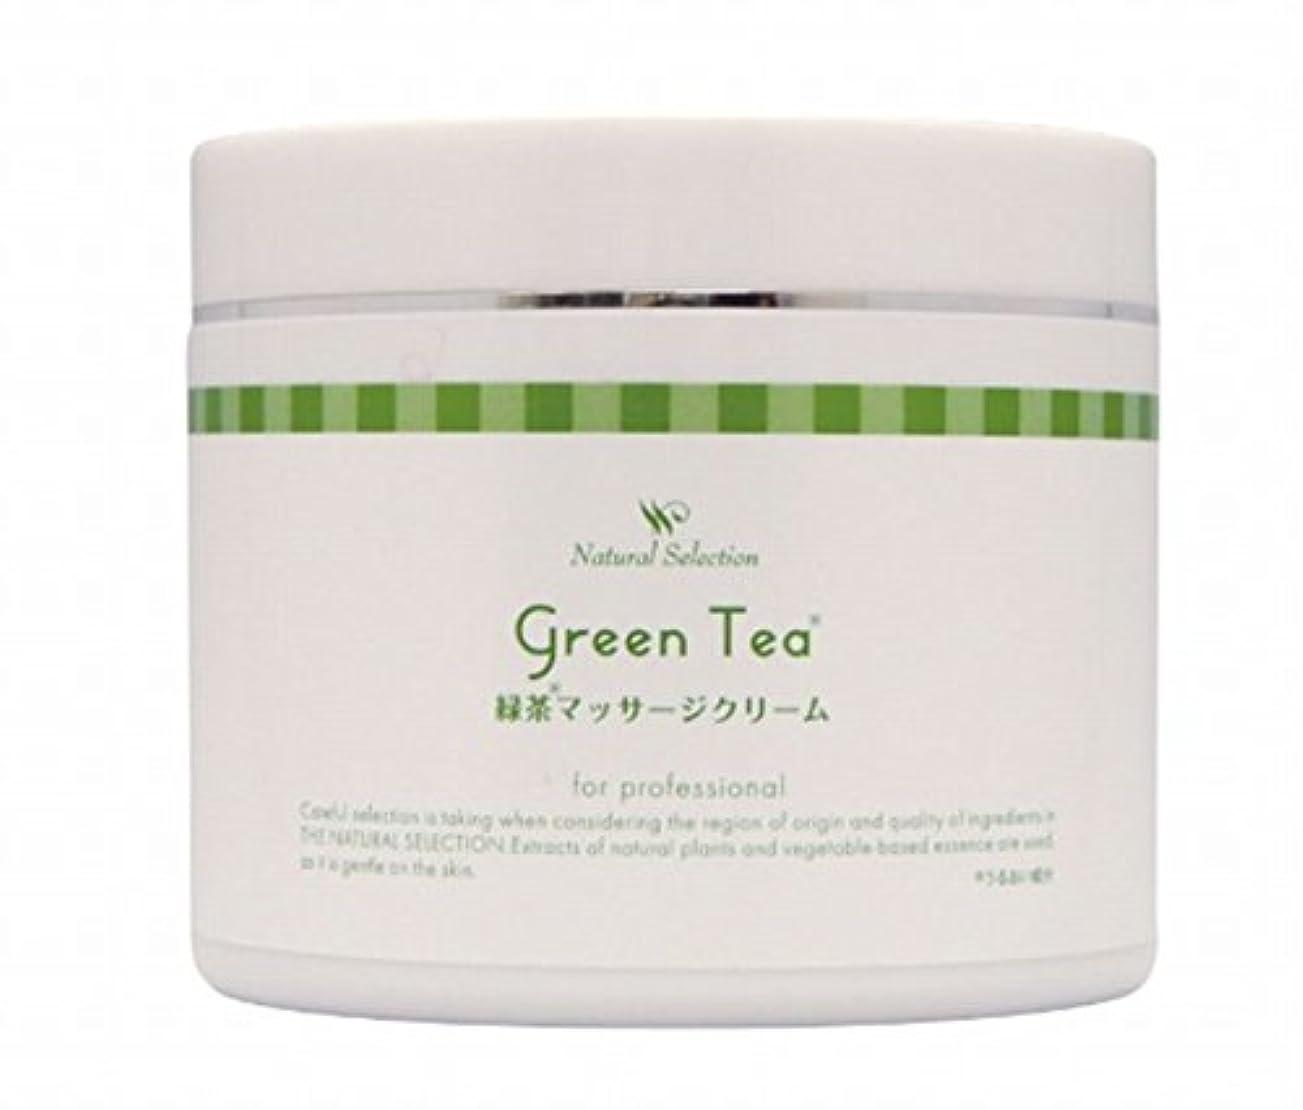 光のお父さん悪の緑茶マッサージクリーム(450g)【フットマッサージ】足もみクリーム 2個セット